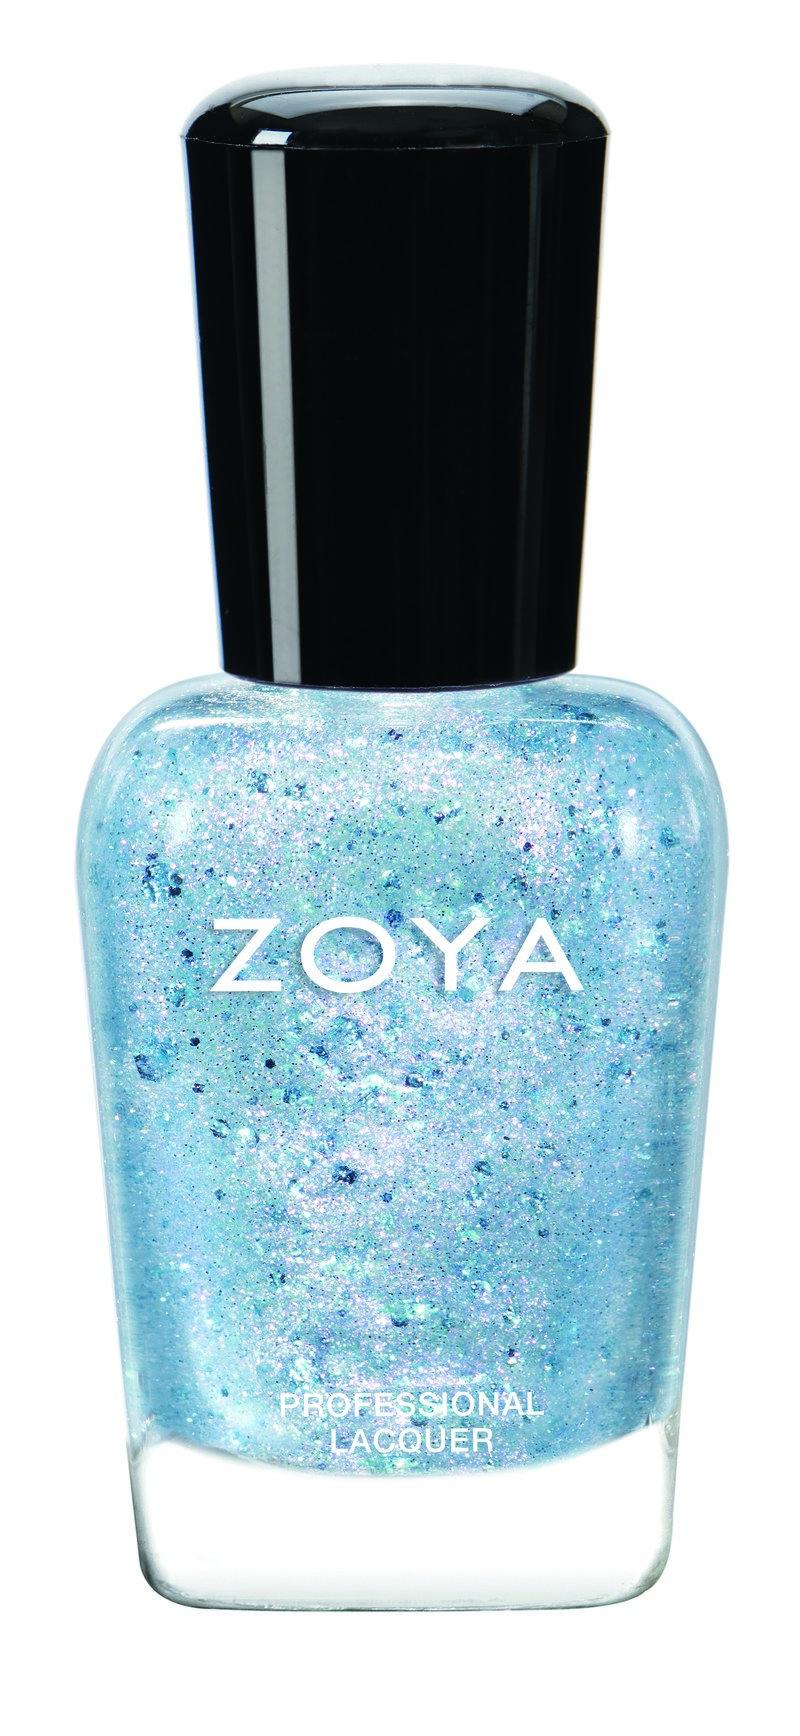 20 Fun Summer Nail Polish Colors You Need This Season